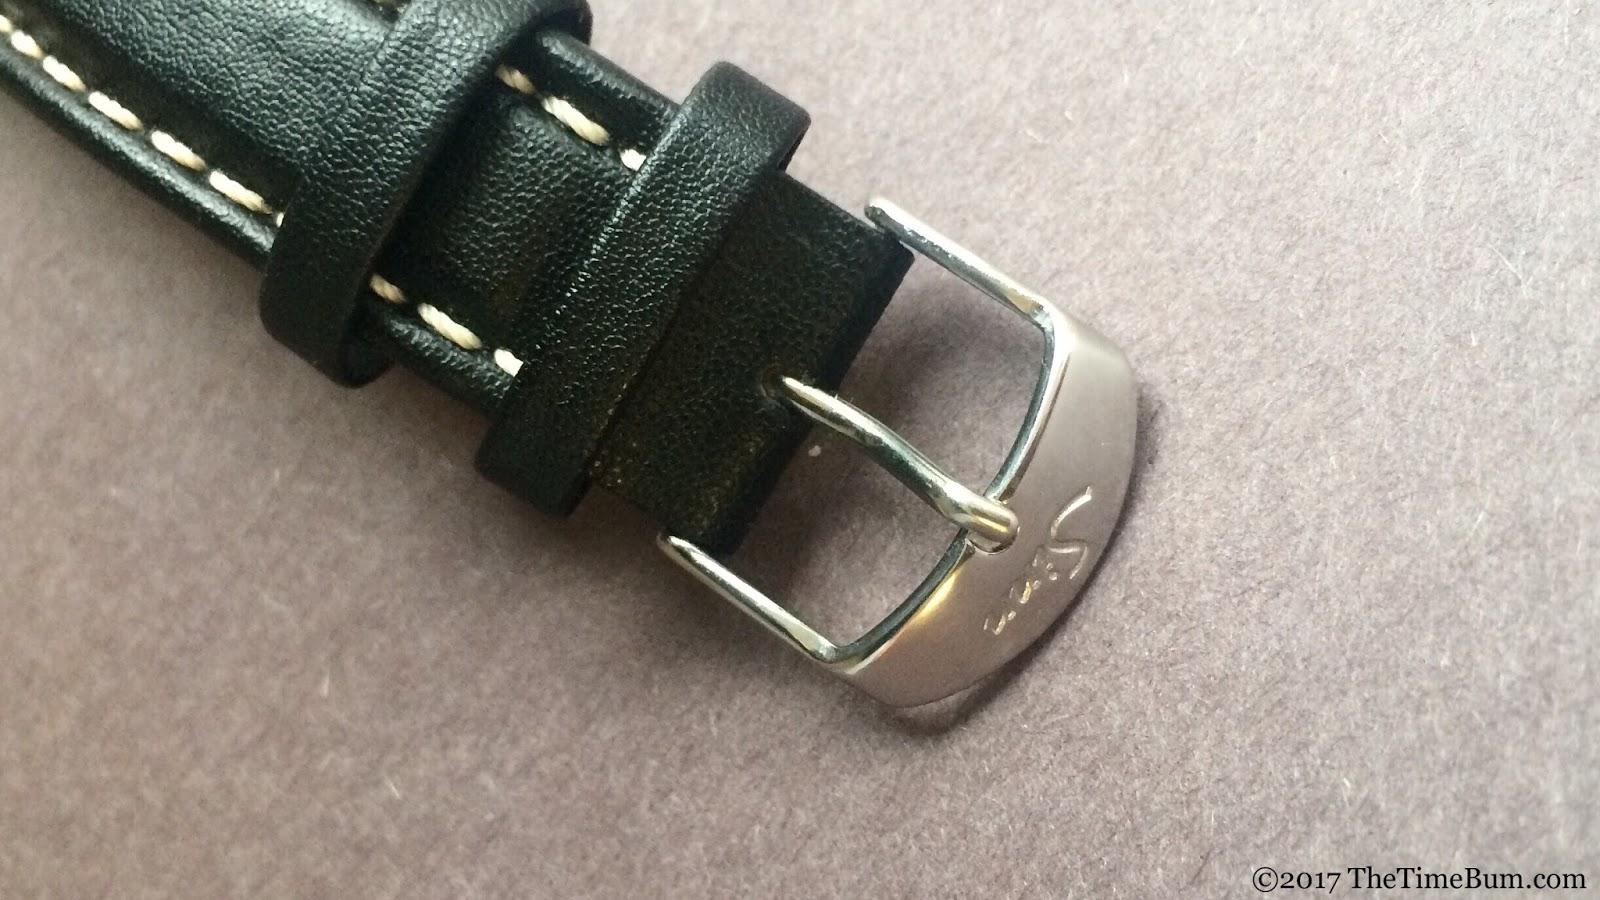 Sinn 103 St acrylic strap buckle